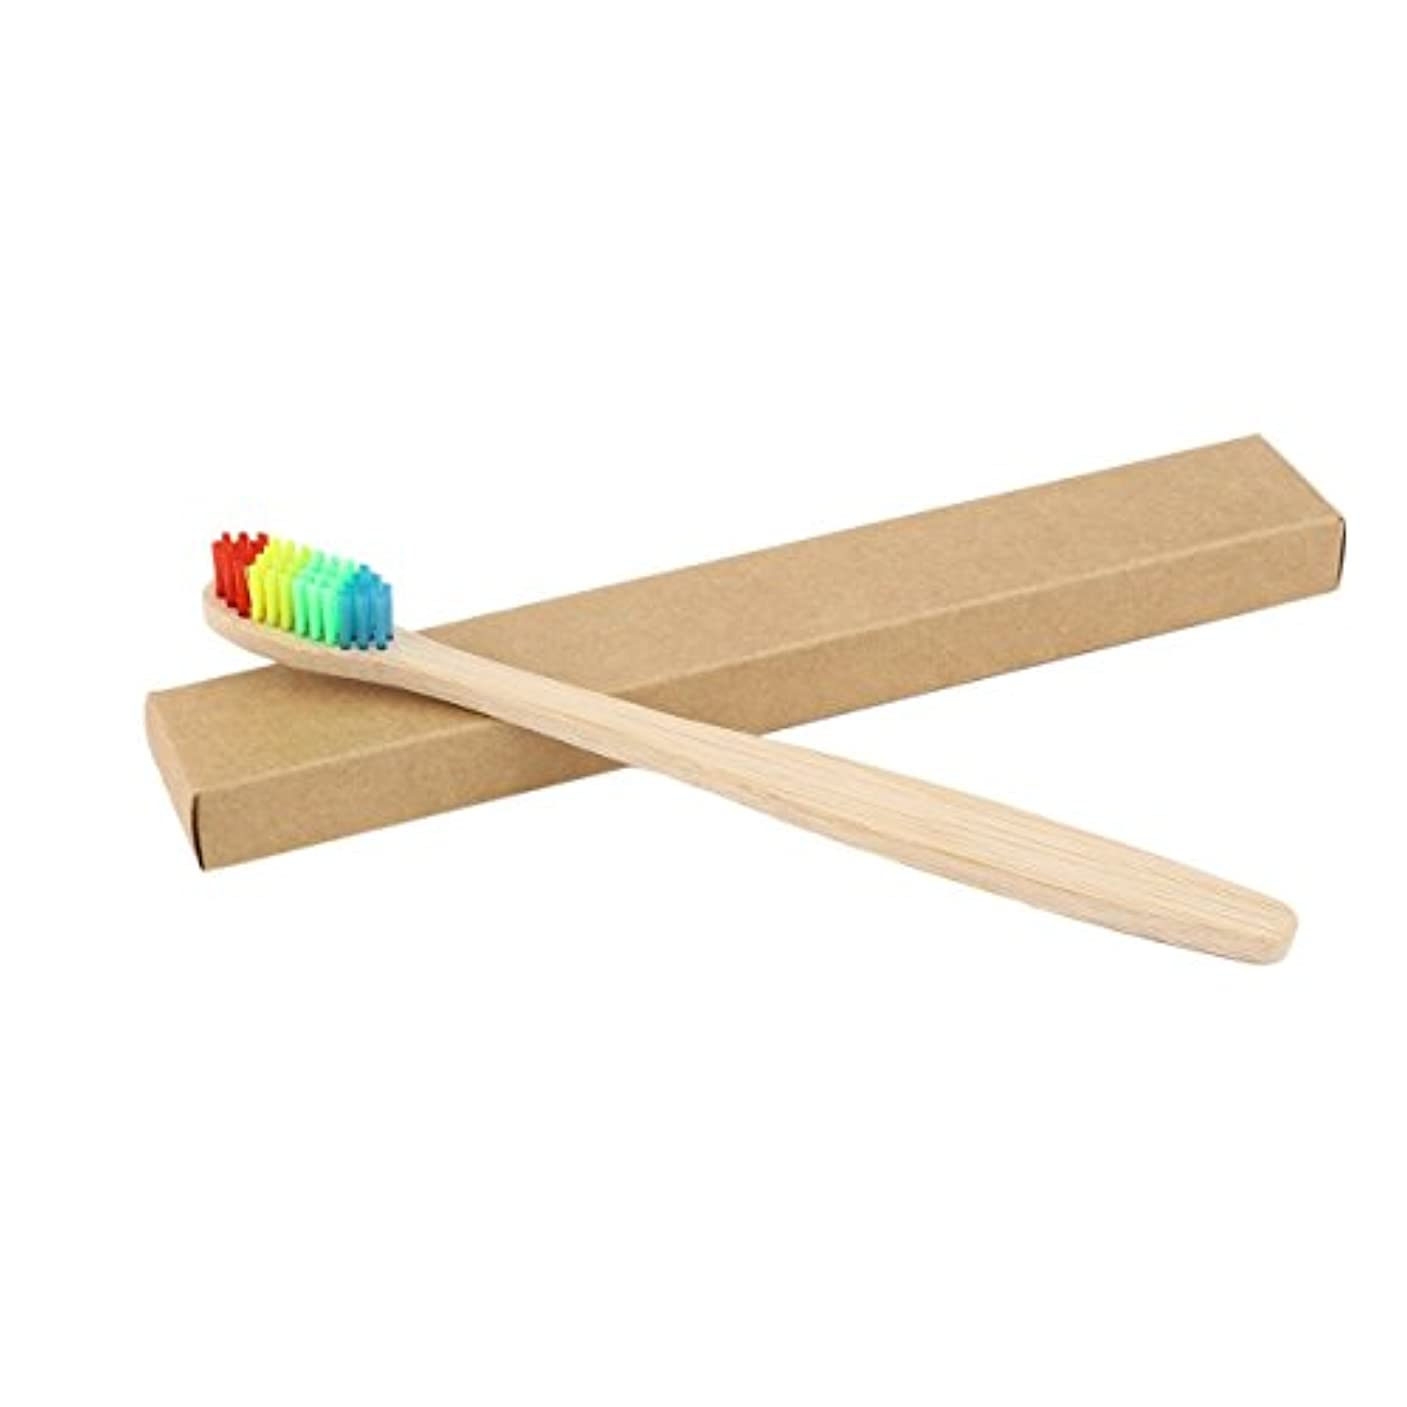 私達彫刻家ルーチンカラフルな髪+竹のハンドル歯ブラシ環境木製の虹竹の歯ブラシオーラルケアソフト剛毛ユニセックス - ウッドカラー+カラフル